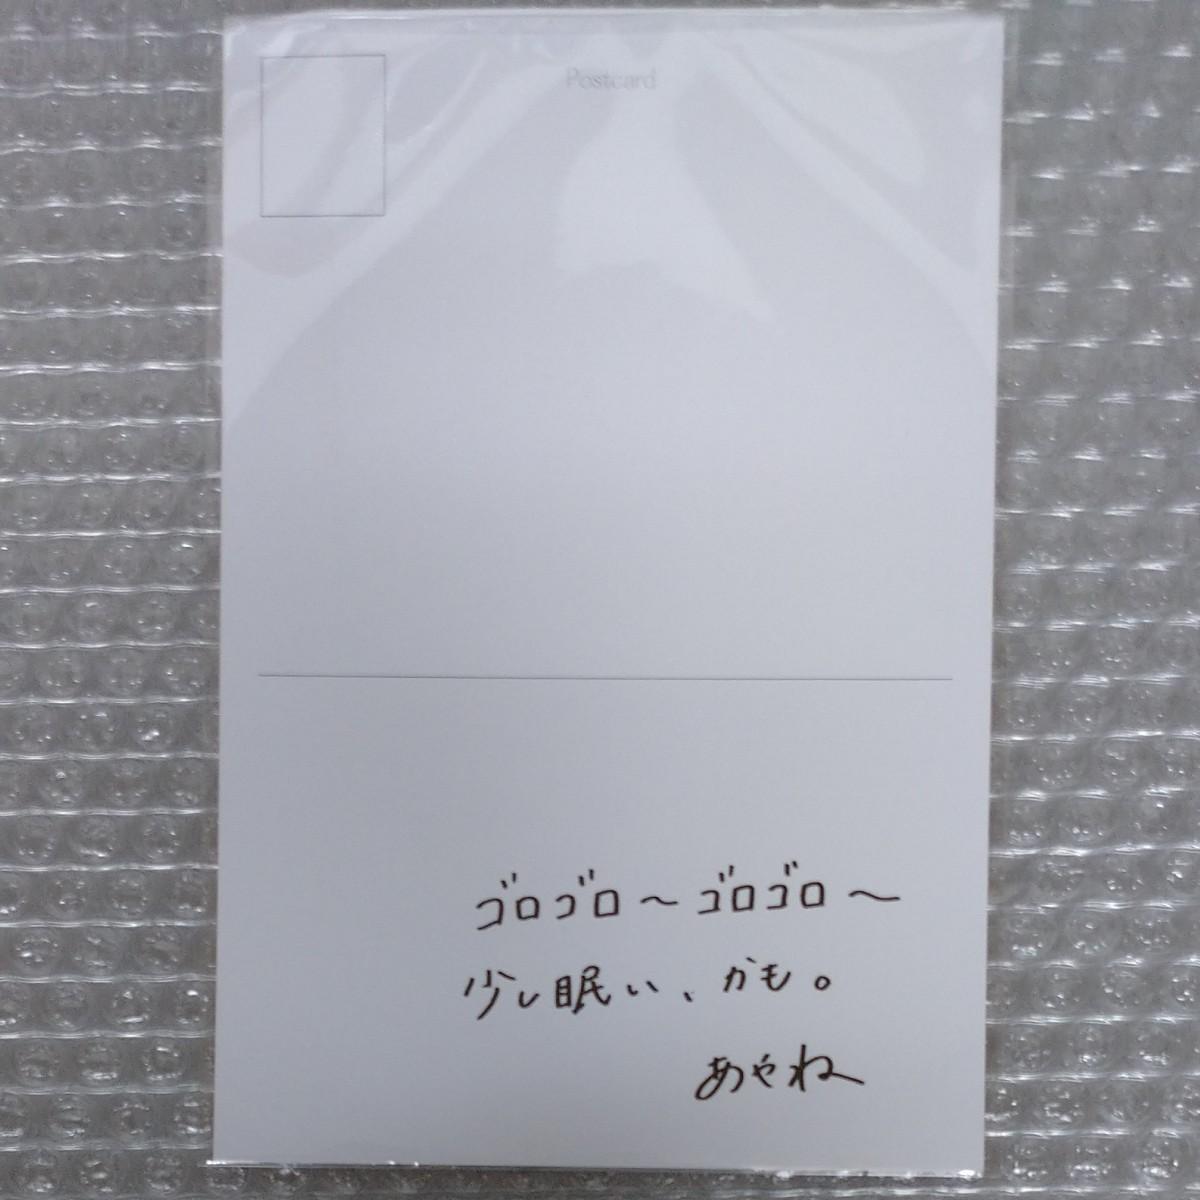 乃木坂46 鈴木絢音 1st写真集『光の角度』ポストカード